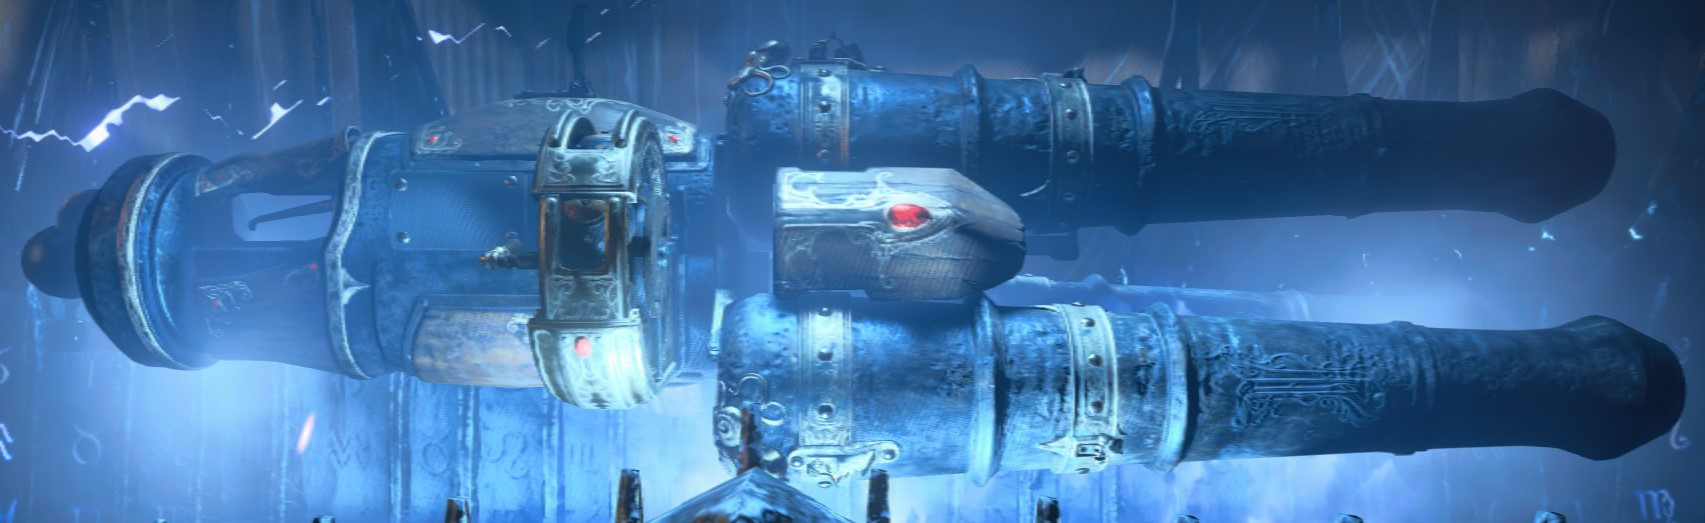 Kraken (wonder weapon) | Call of Duty Wiki | FANDOM powered